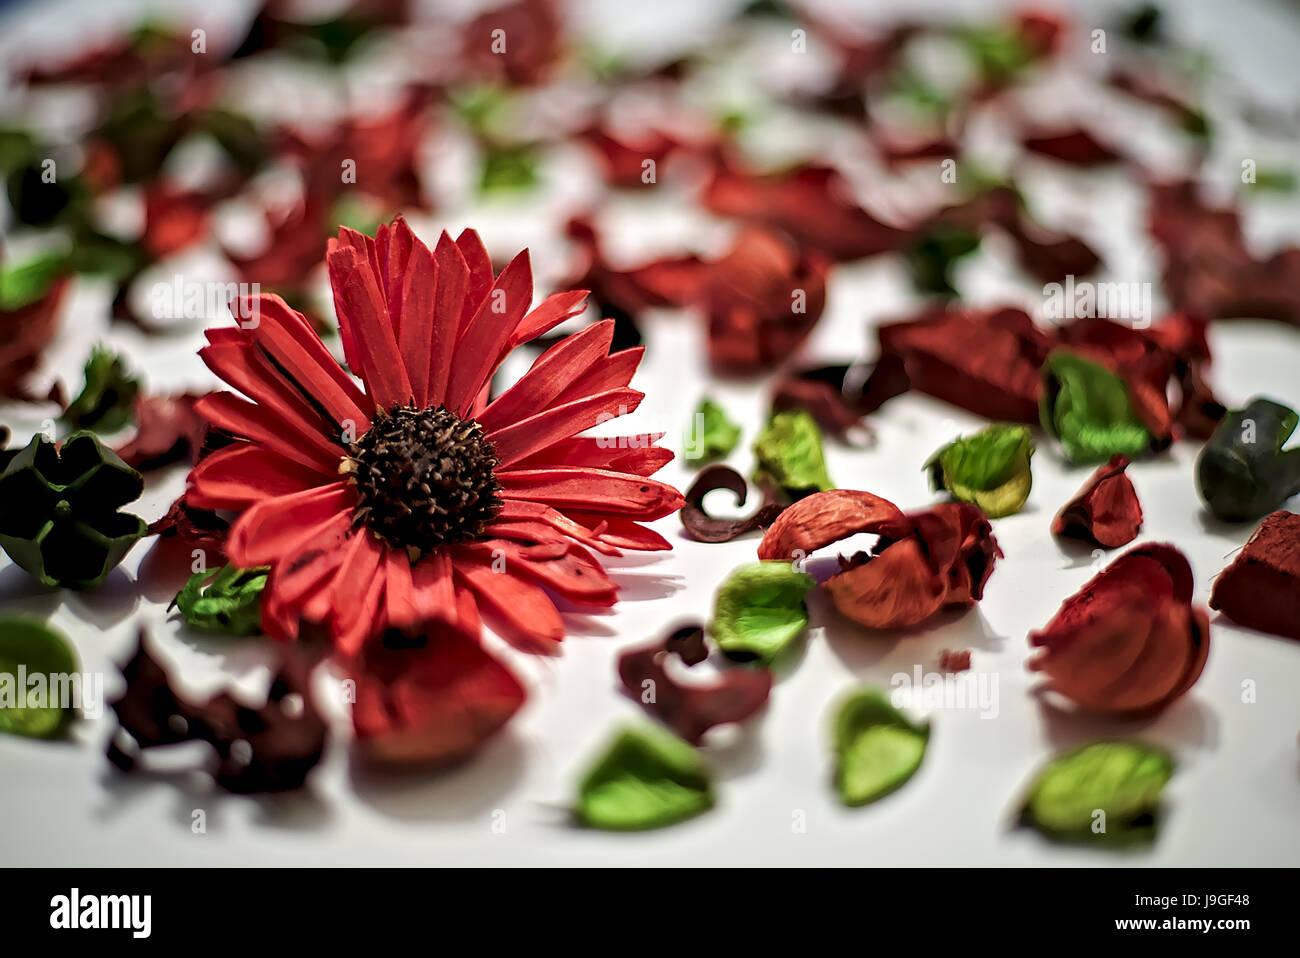 Gemütlich Frühlingsblumen Die Blätter Färben Fotos - Druckbare ...